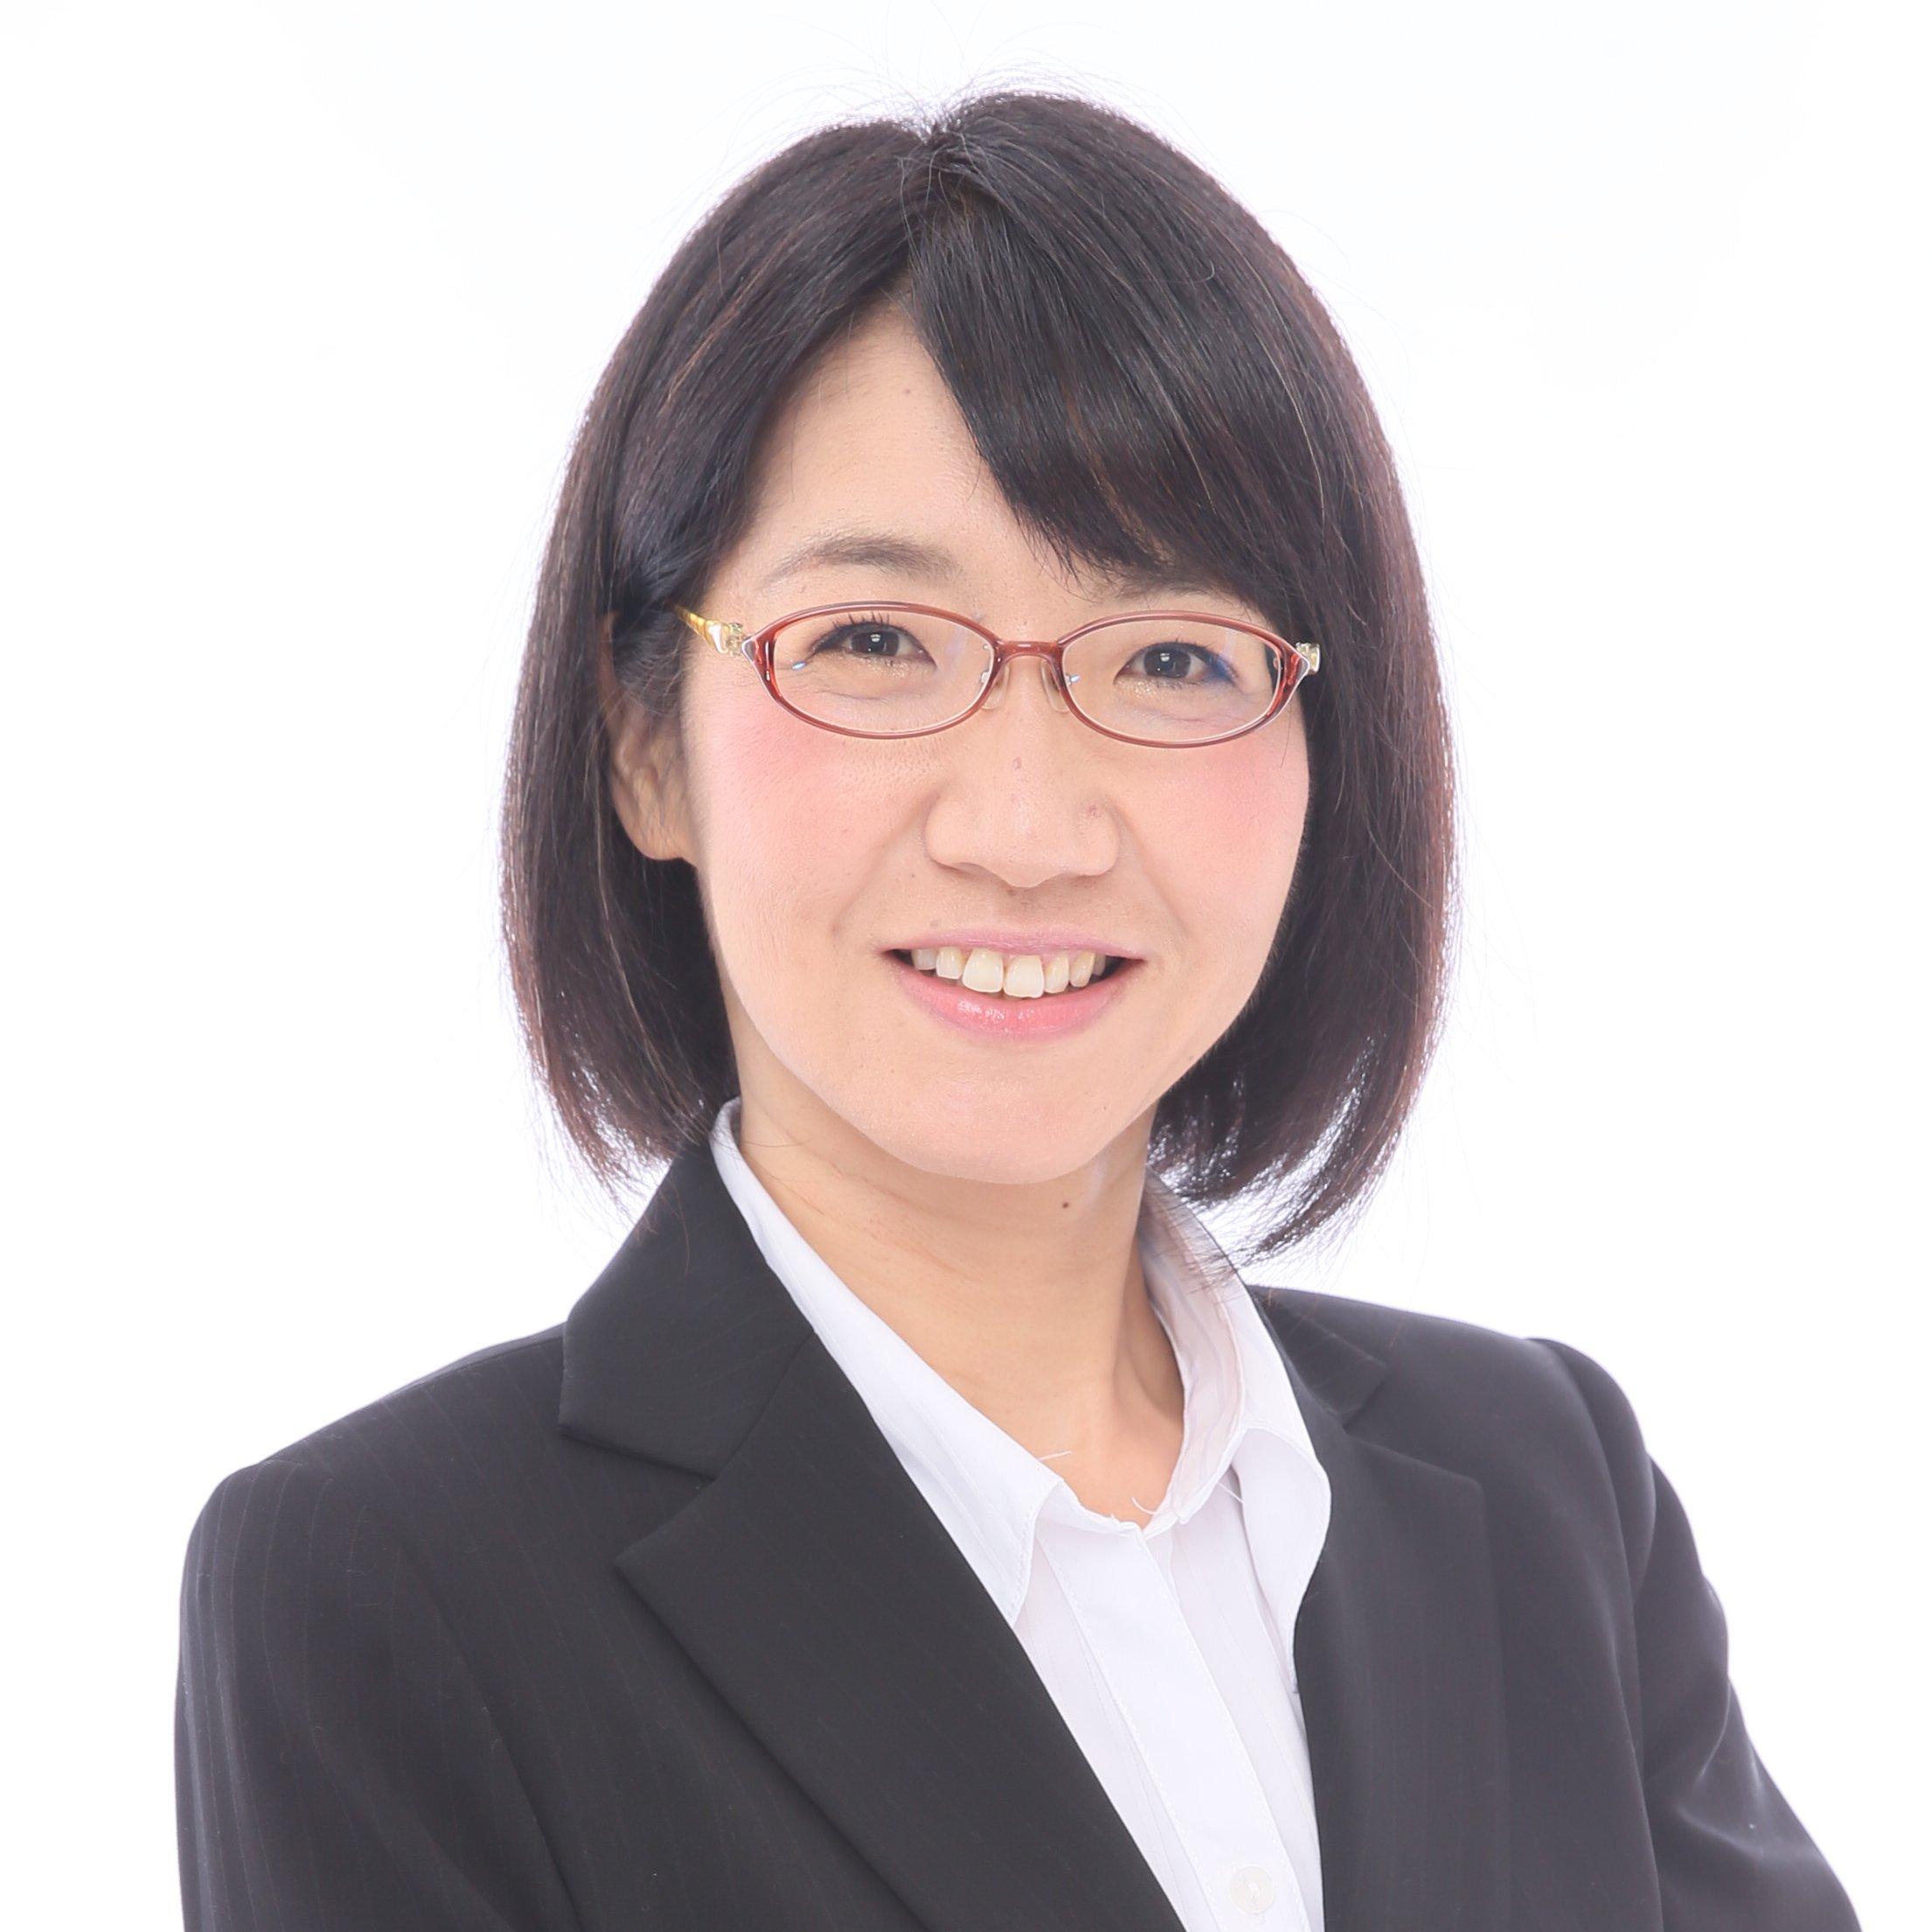 門井 恵理子